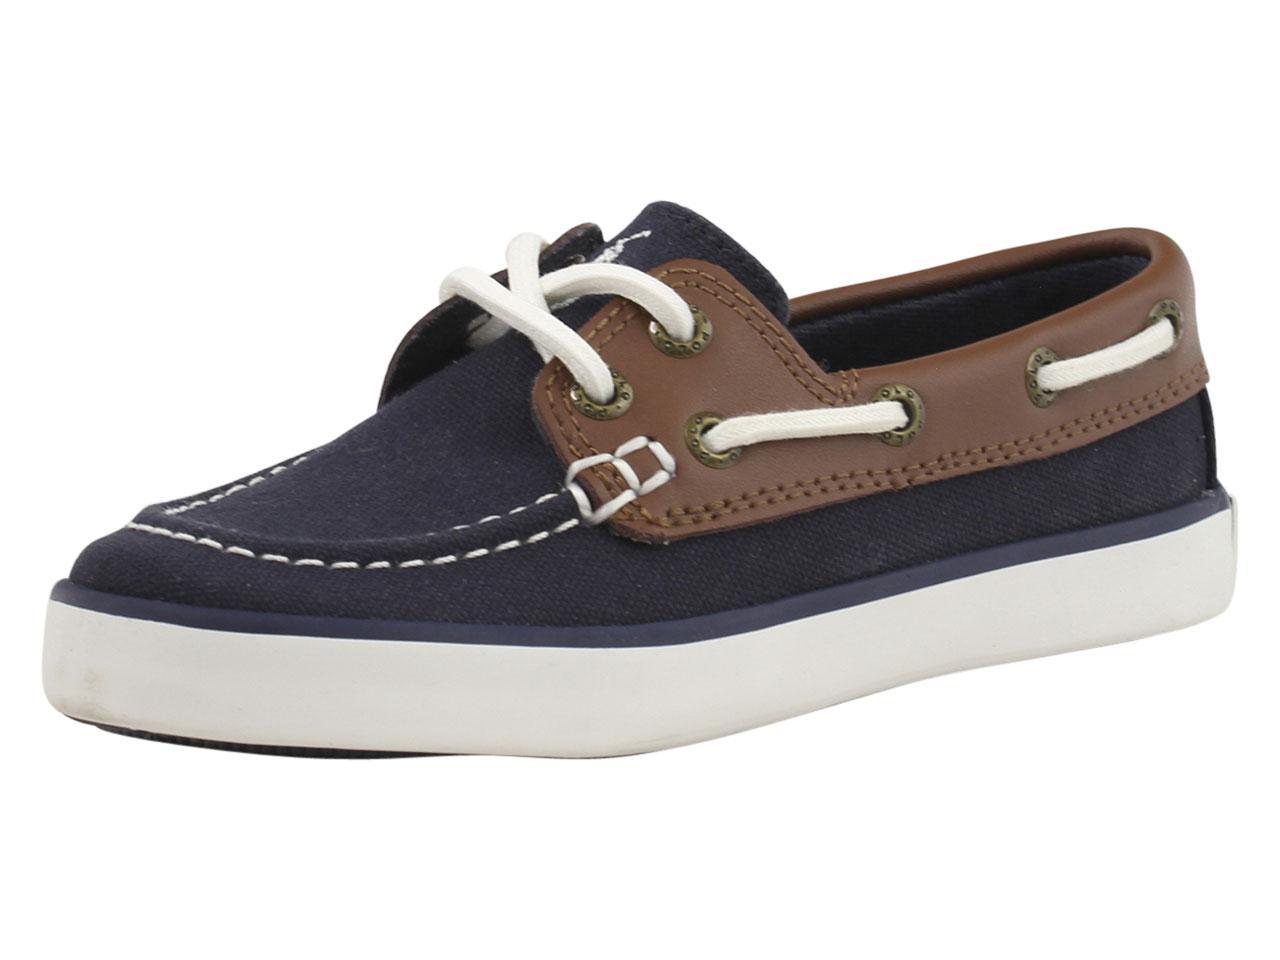 Sander-CL Loafers Boat Shoes